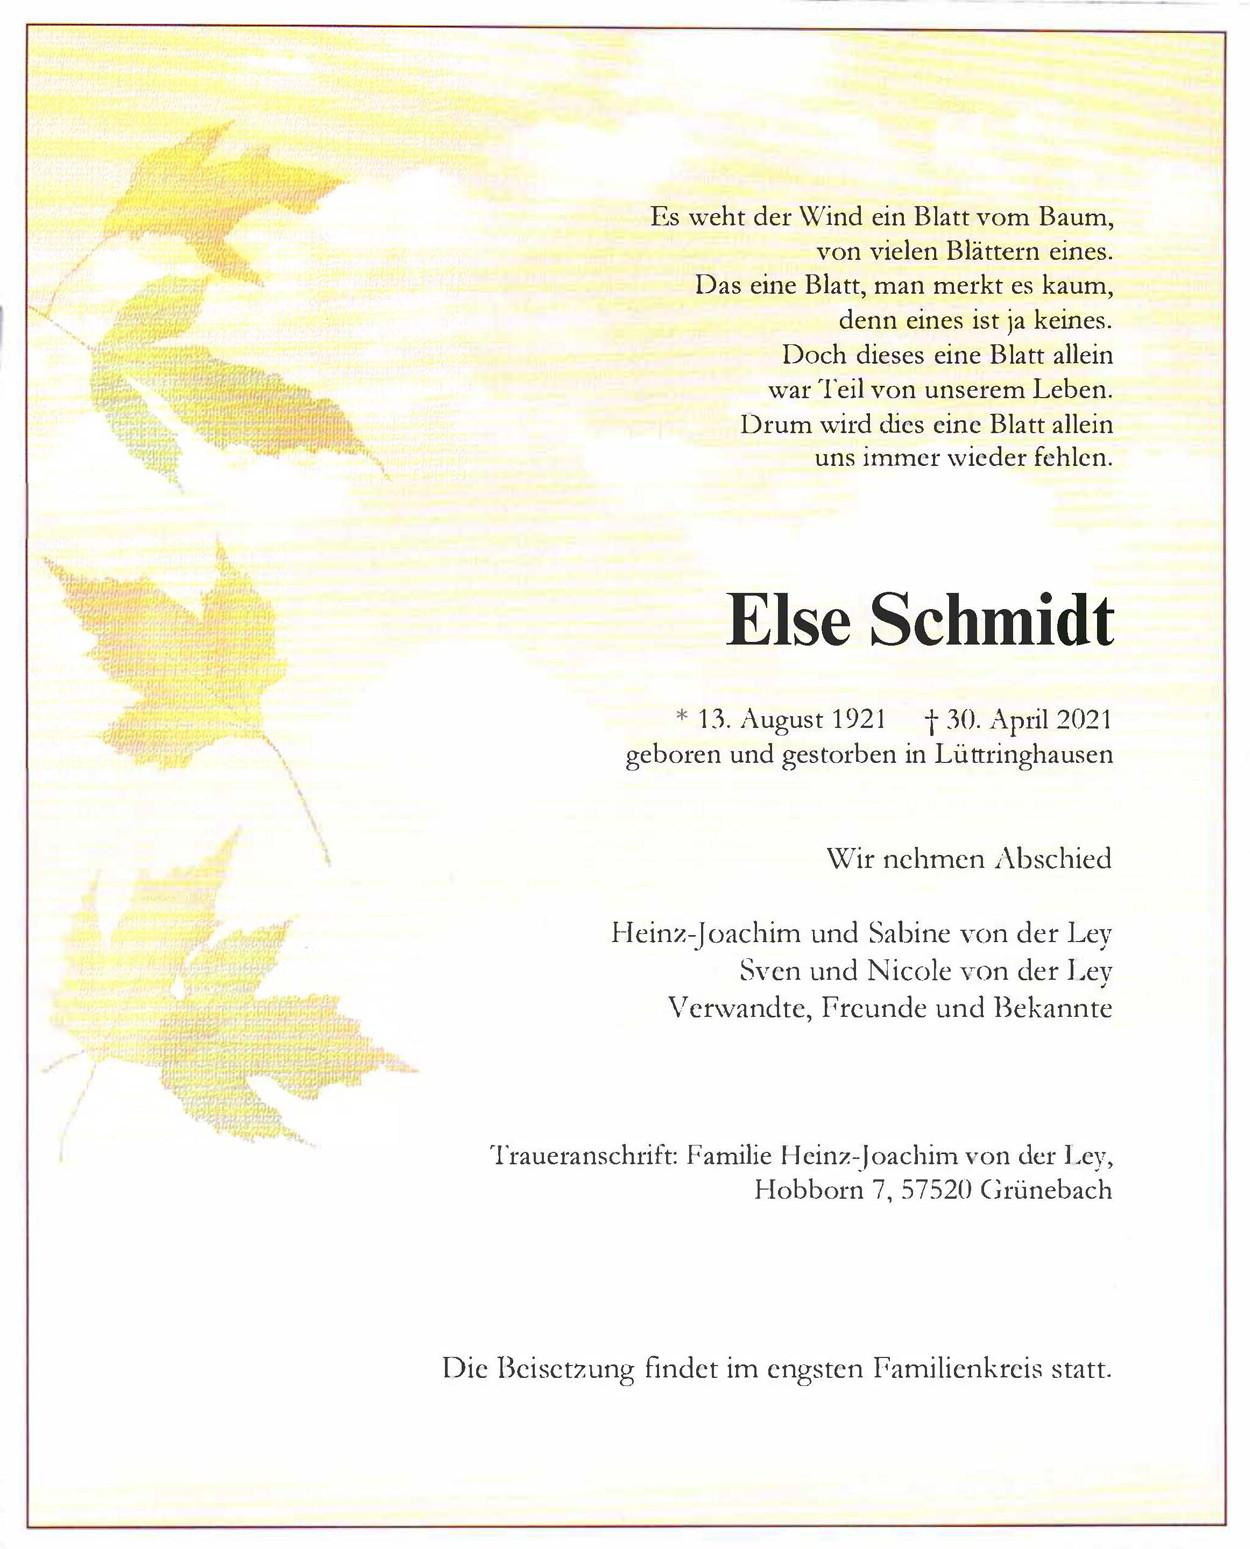 Else Schmidt